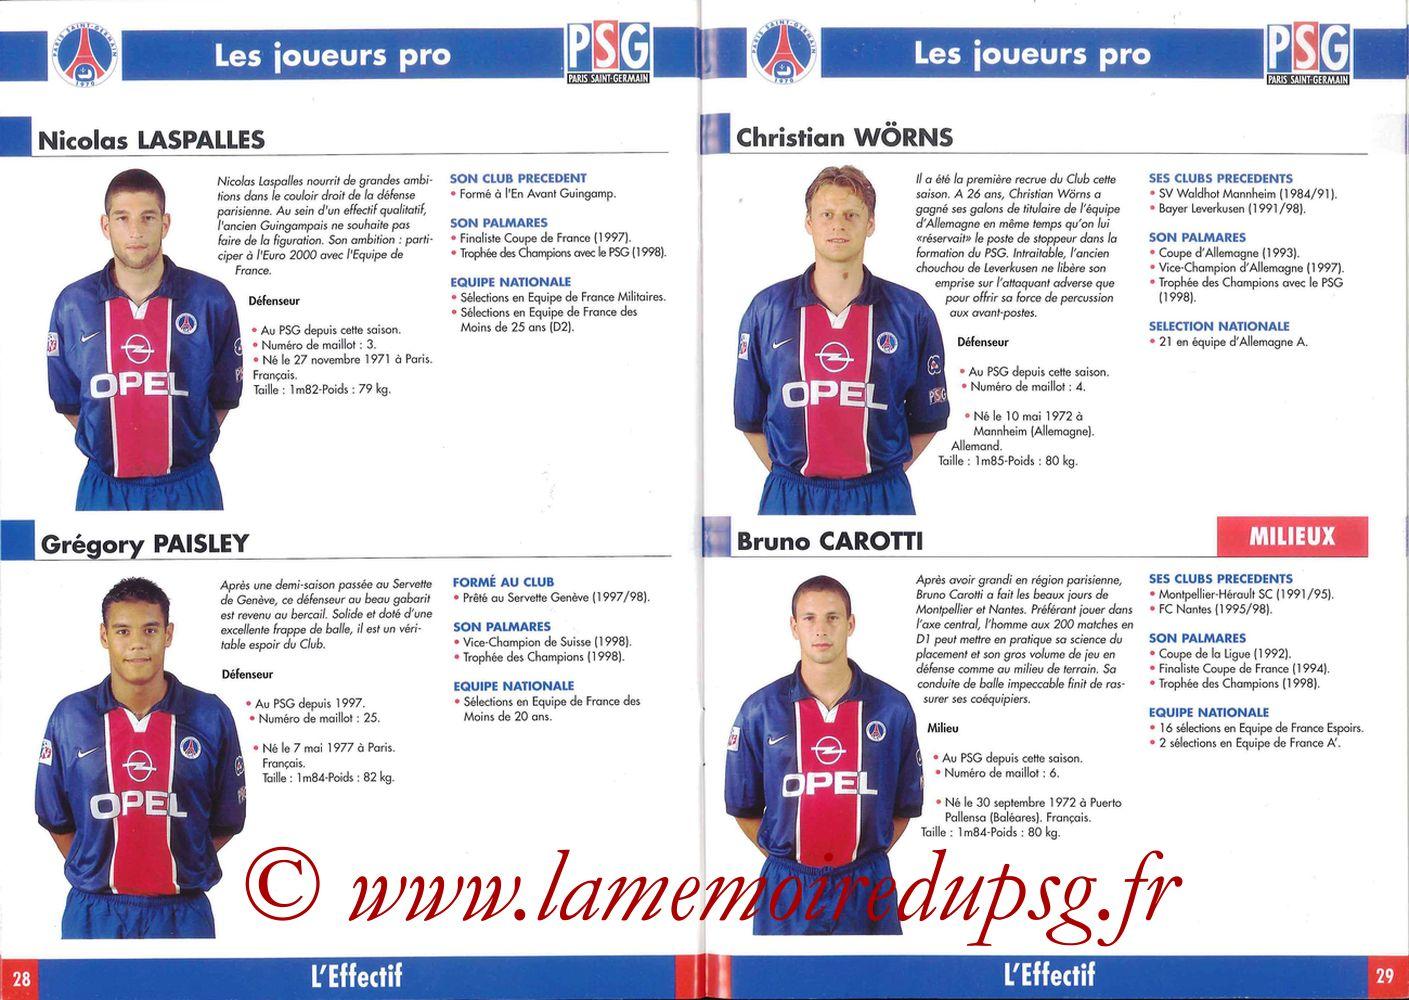 1998-99 - Guide de la Saison PSG - Pages 28 et 29